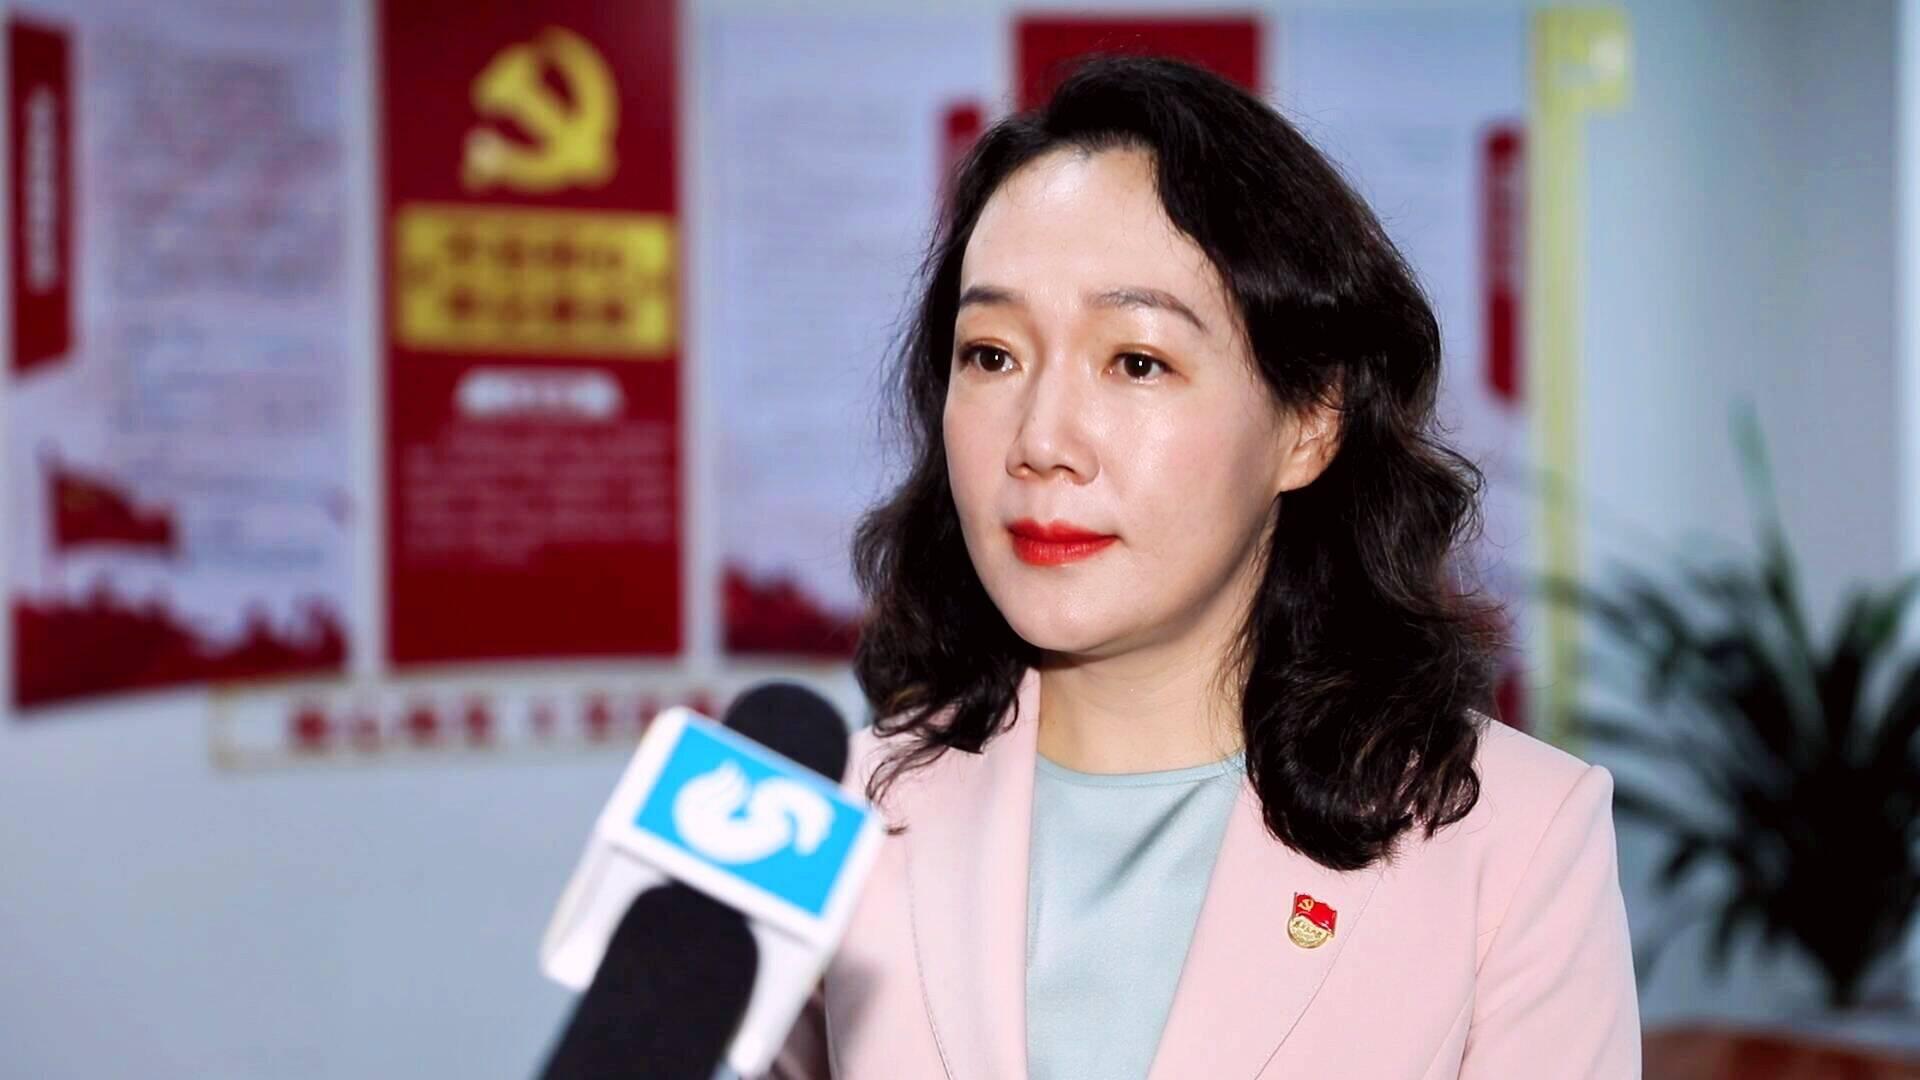 恒丰银行党委书记、董事长陈颖:对党绝对忠诚 践行为民初心